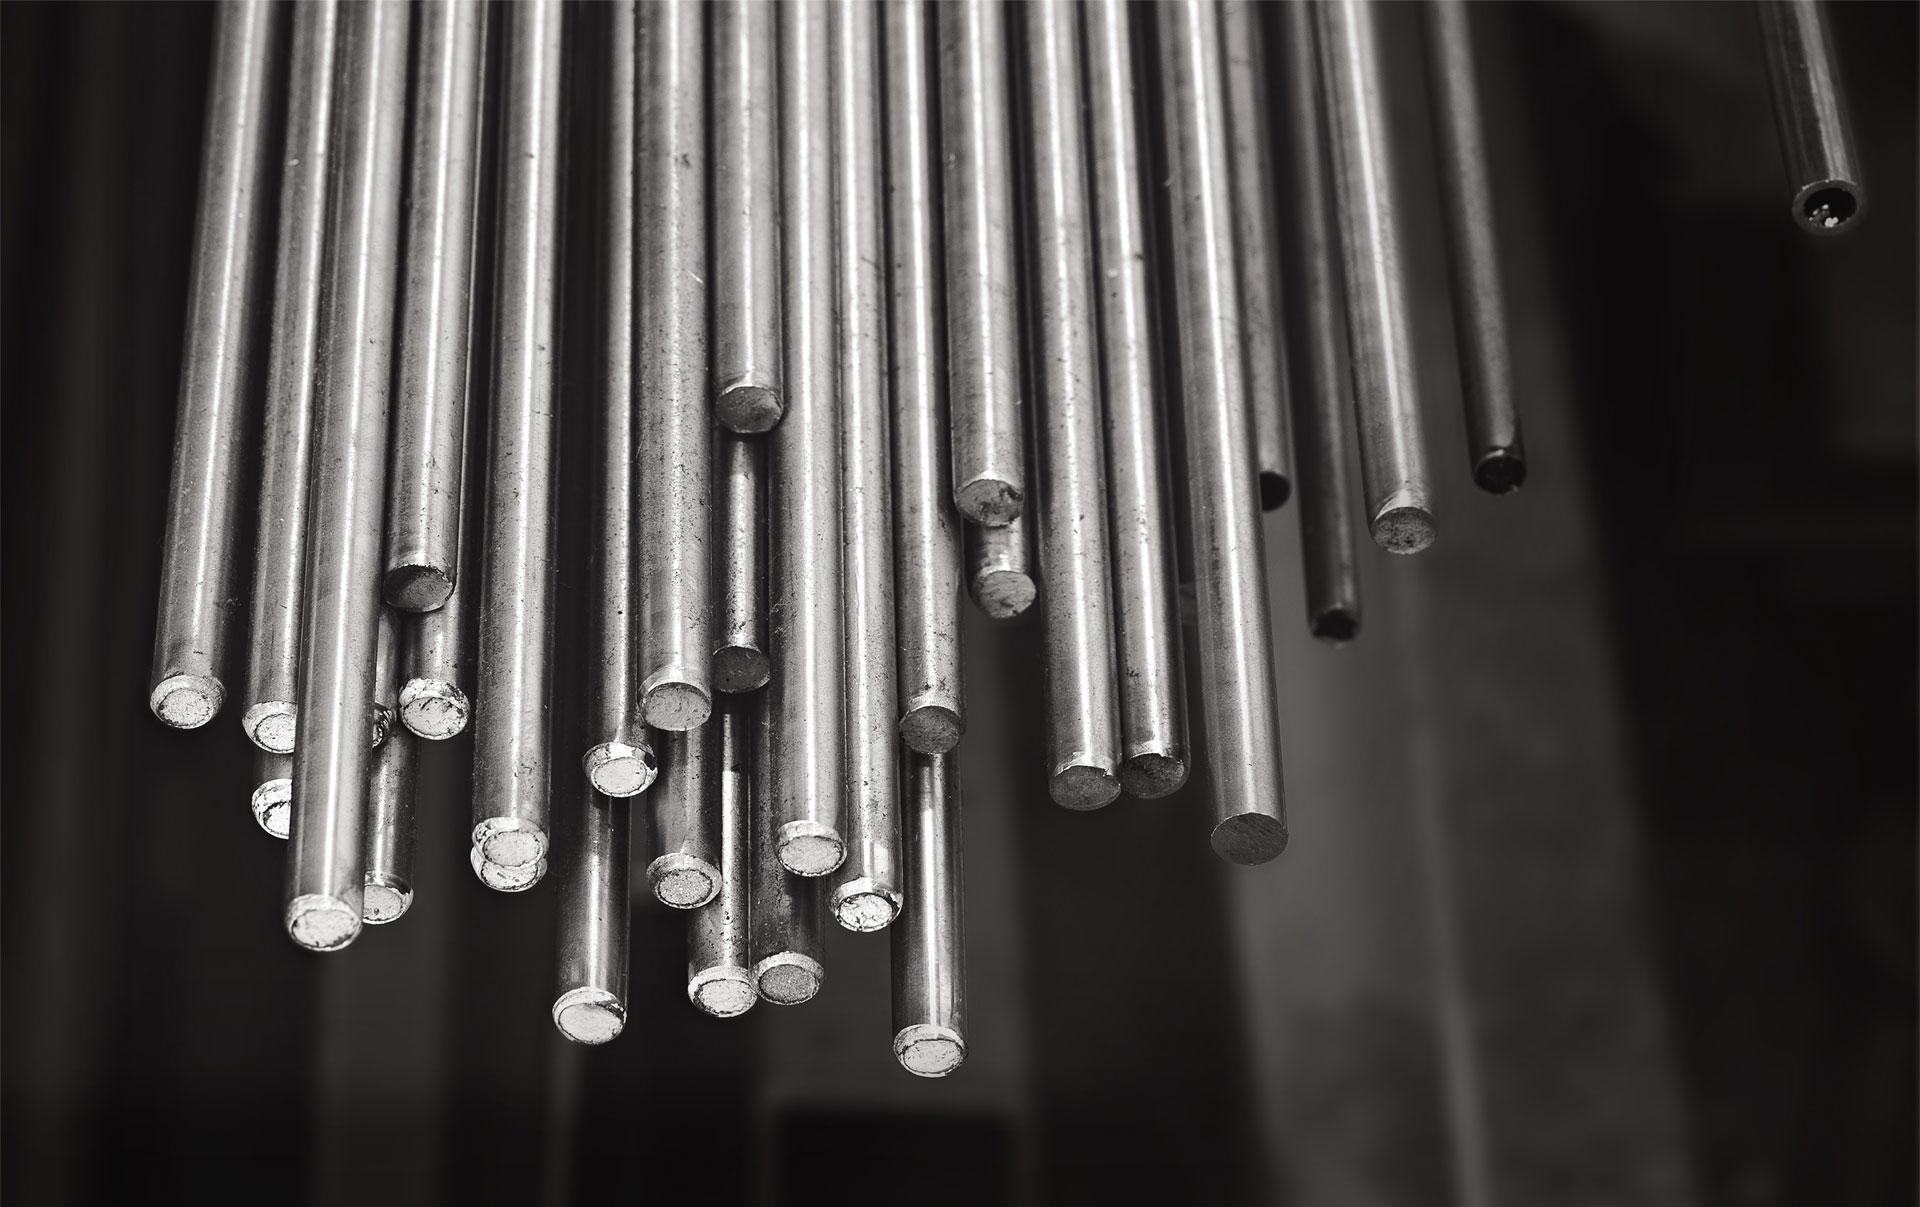 Lavorazioni in acciaio inox componenti d 39 arredo novastil for Arredo inox srl